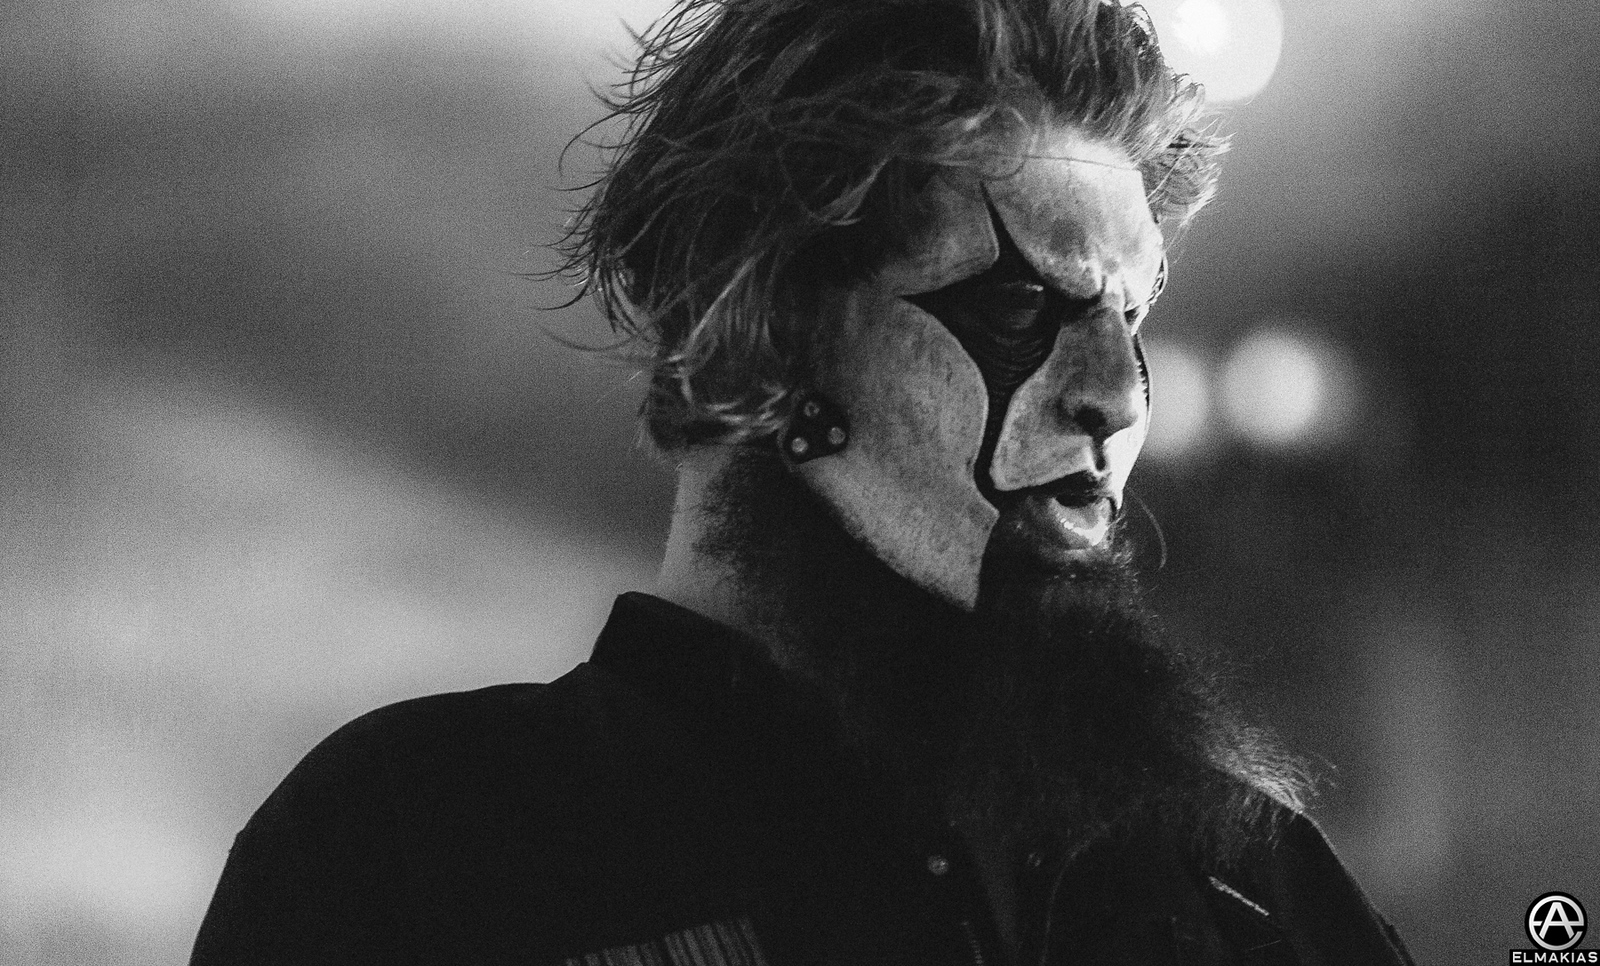 Jim Root of Slipknot